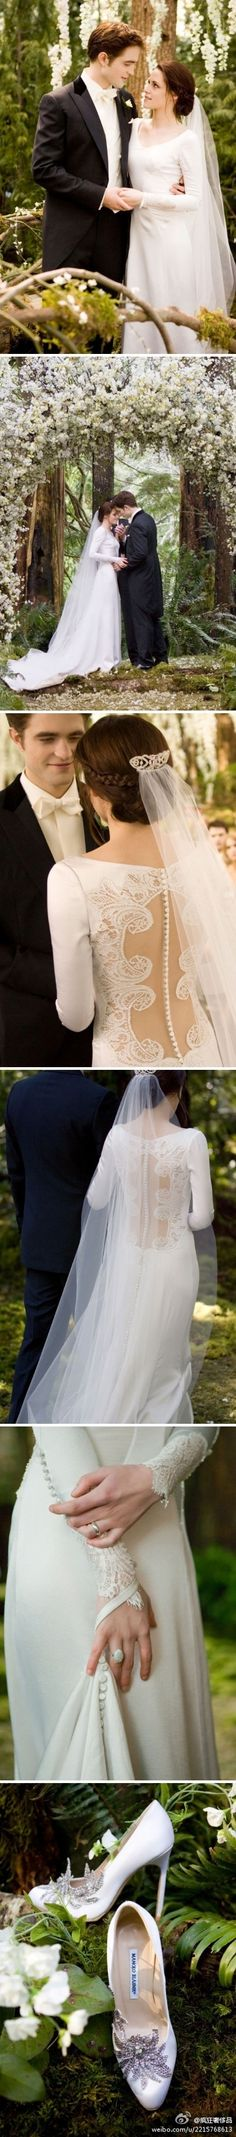 Bella and Edward's wedding